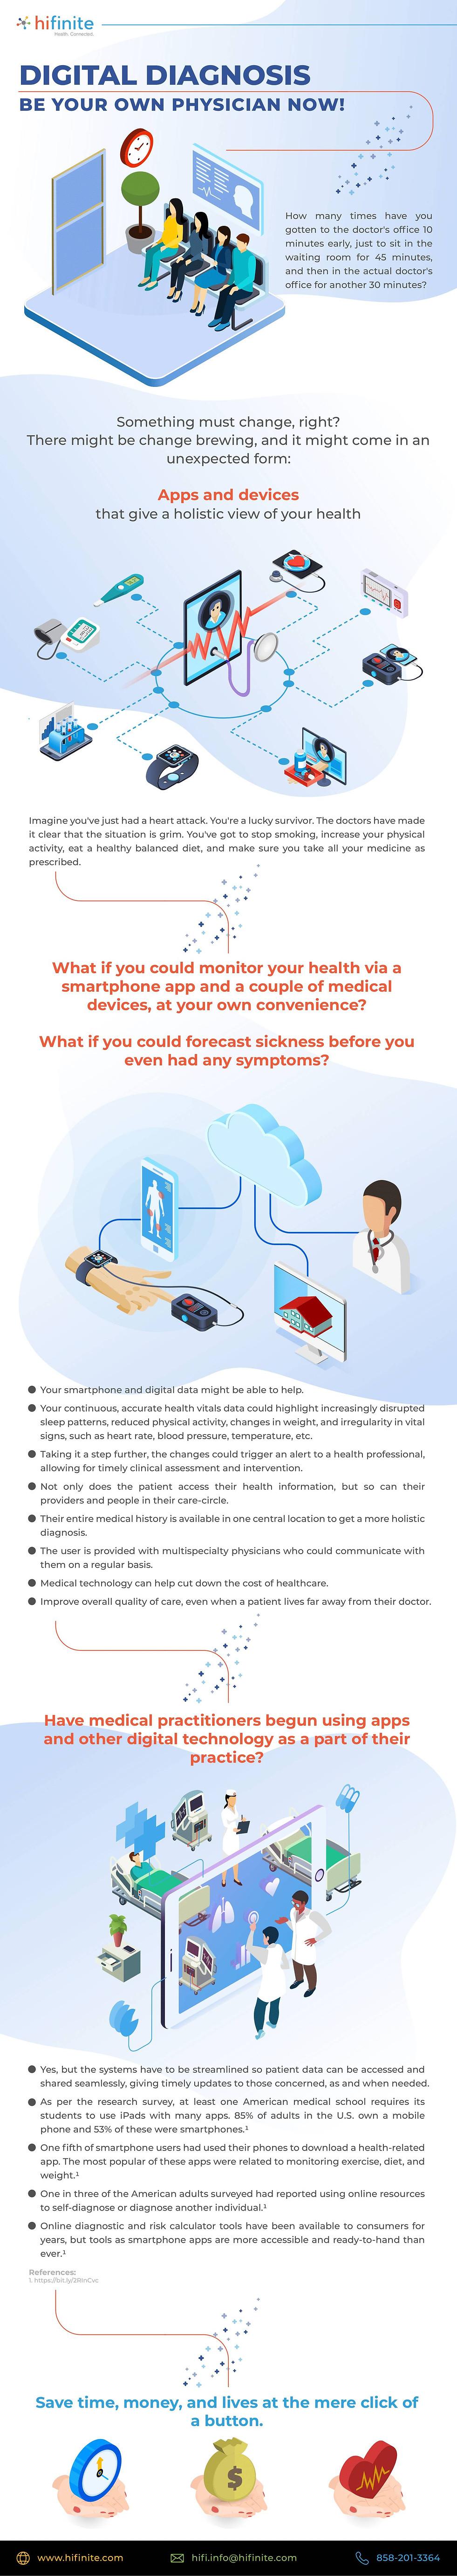 Digital diagnosis.jpg